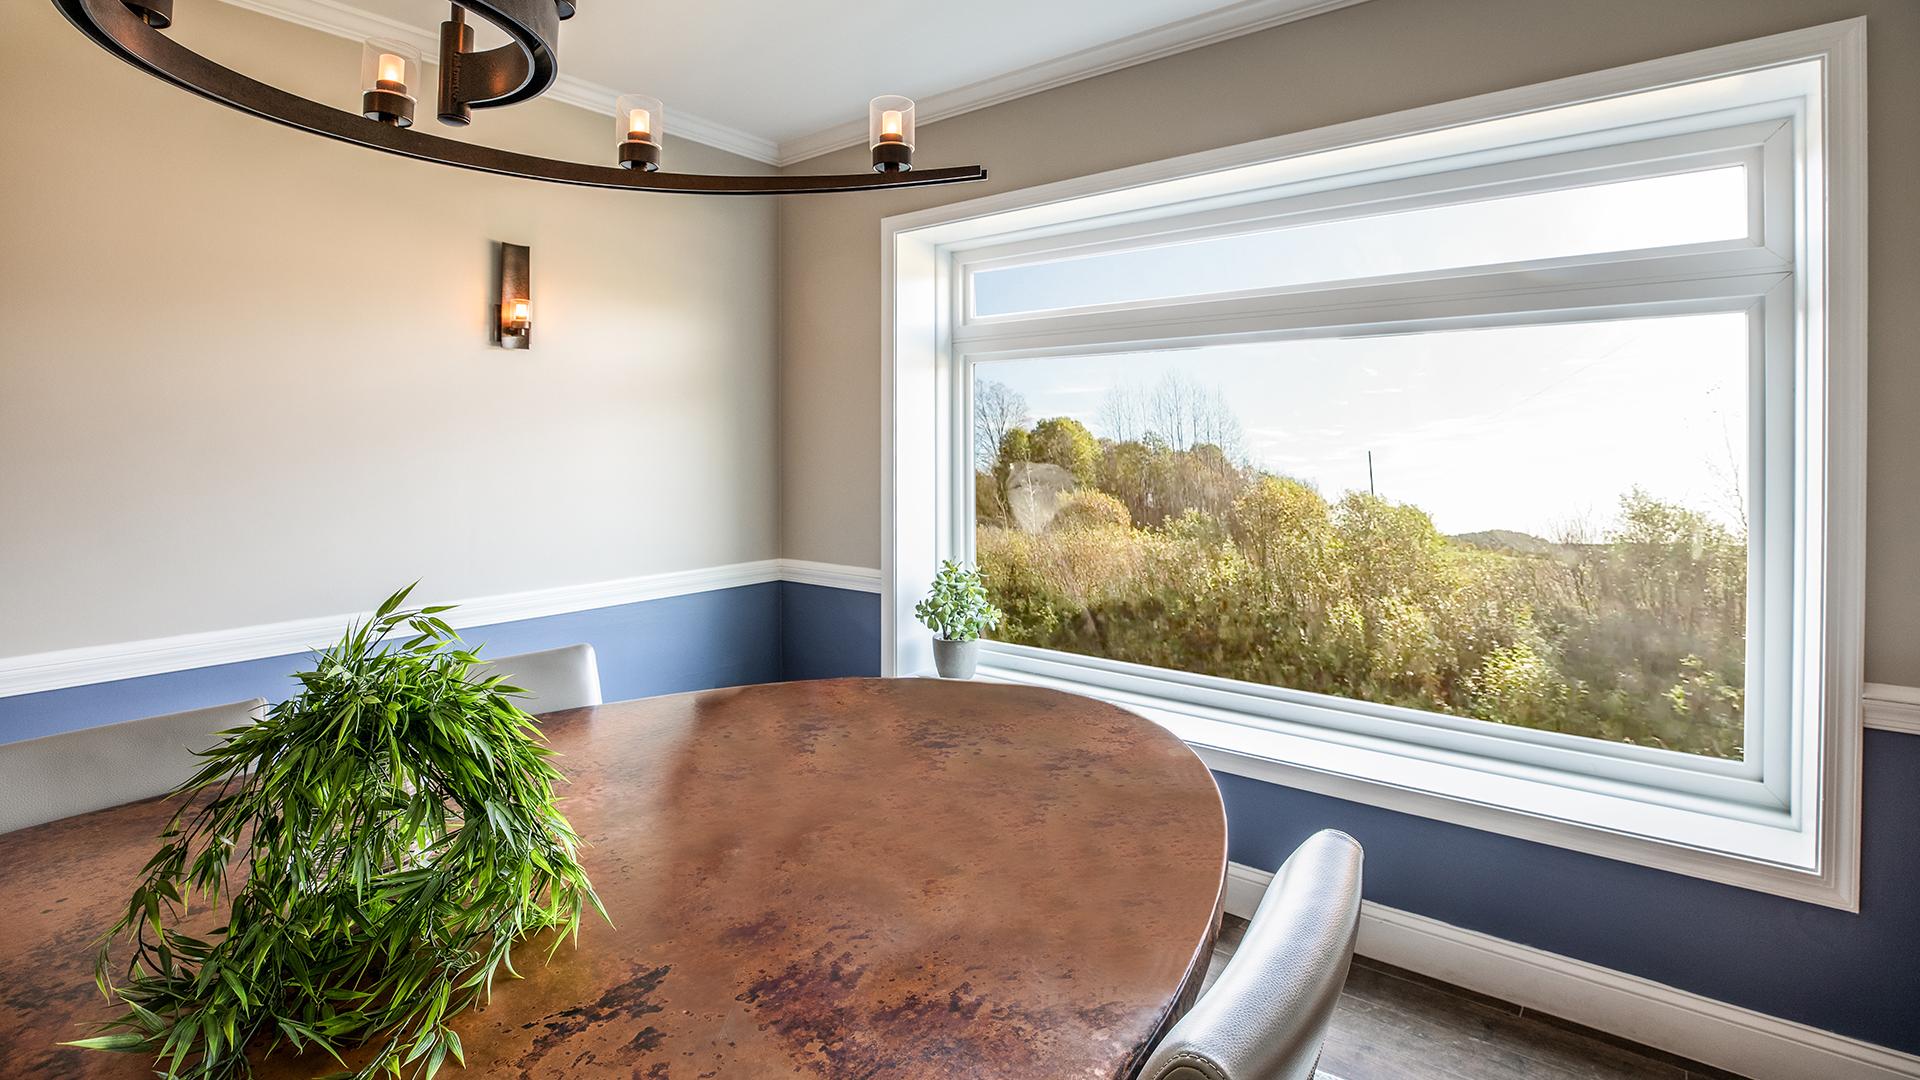 2020 NARI Capital CotY Merit Award Winner, Residential Interior Over $500,000